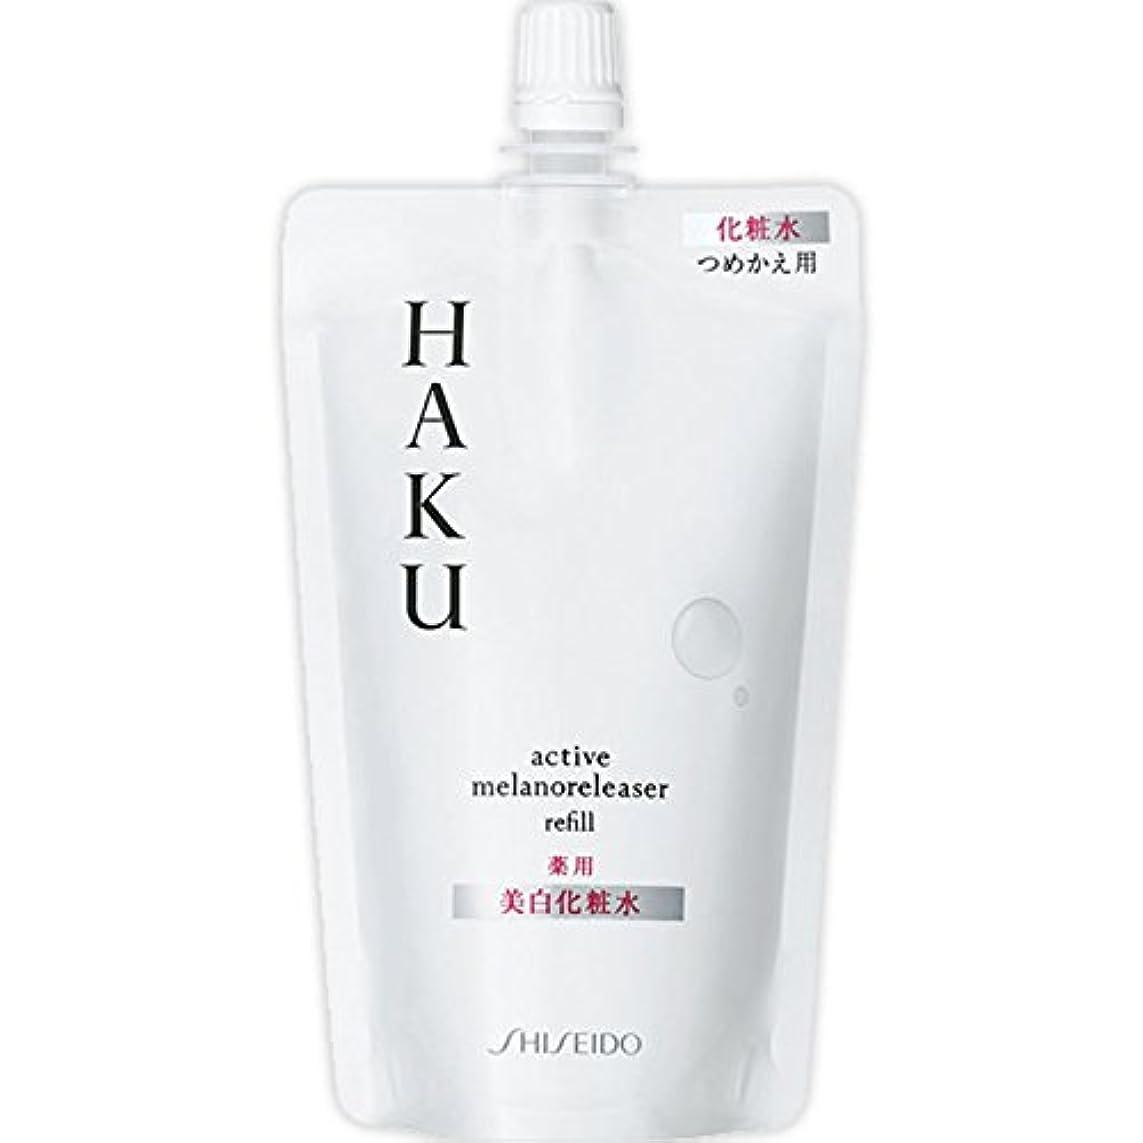 さておき順応性快適資生堂 HAKU アクティブメラノリリーサー つめかえ用(レフィル) 100ml (医薬部外品)